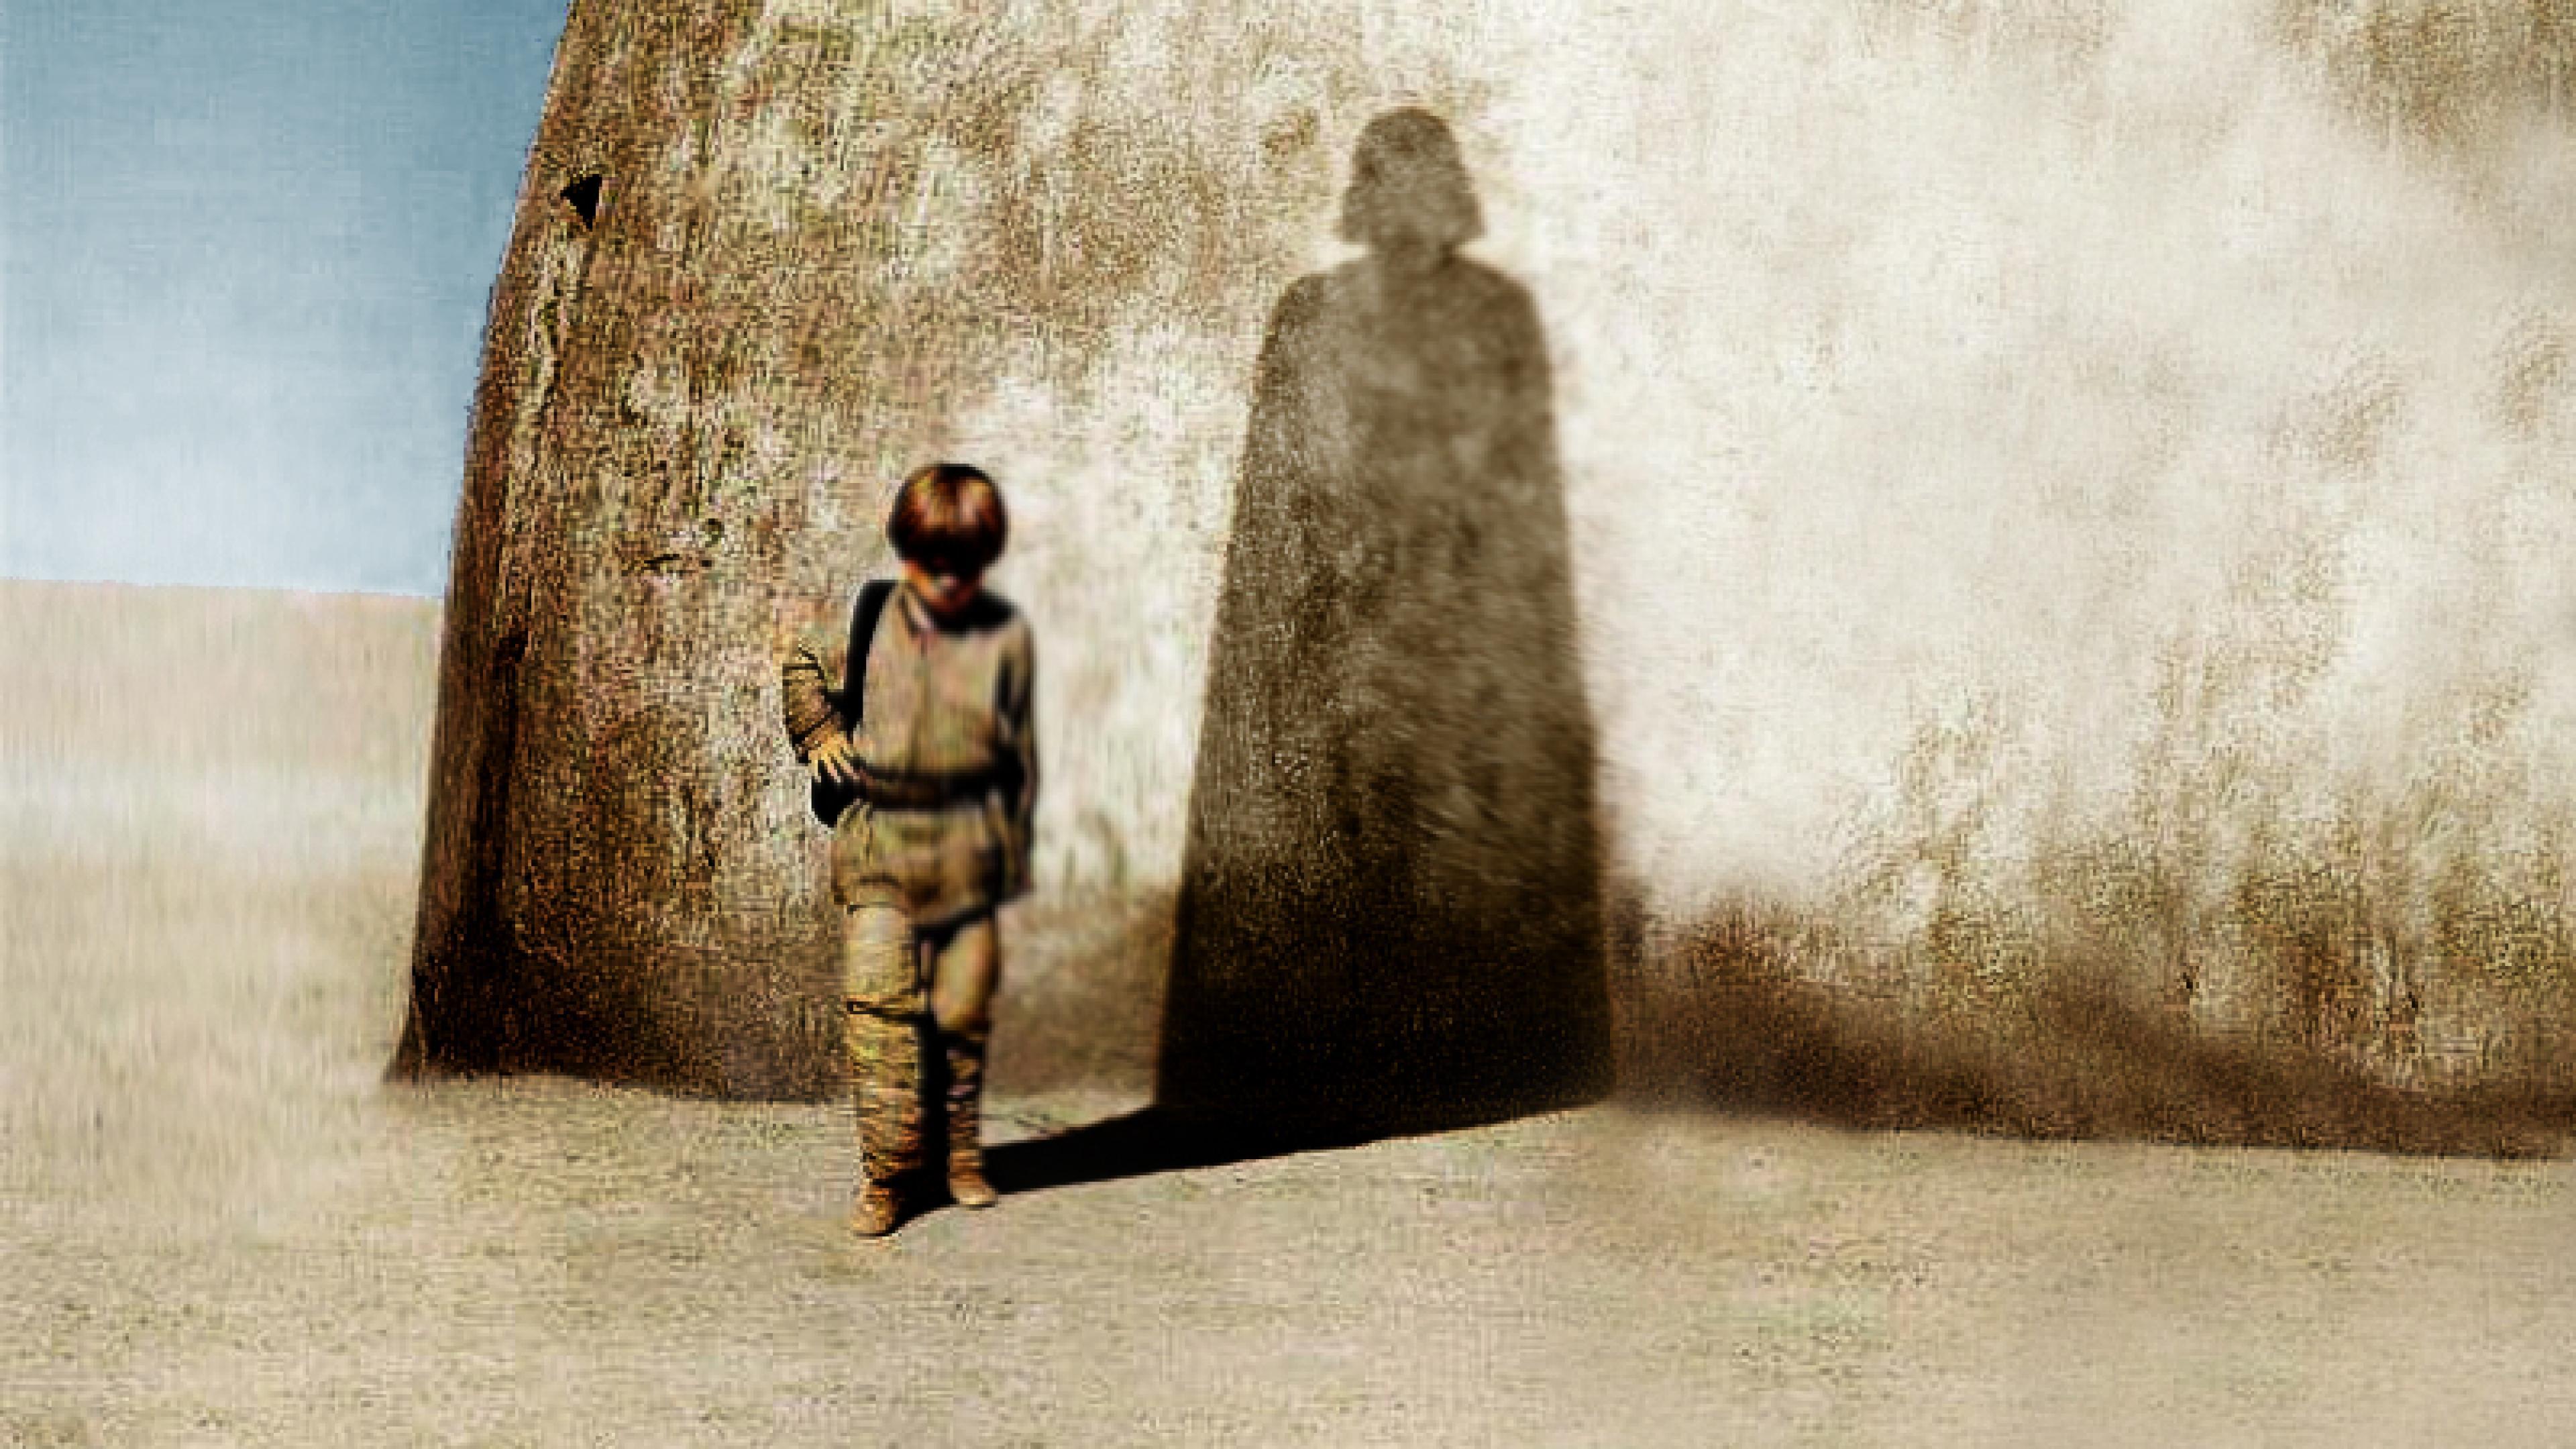 star wars darth vader anakin skywalker 9EUz 3840x2160